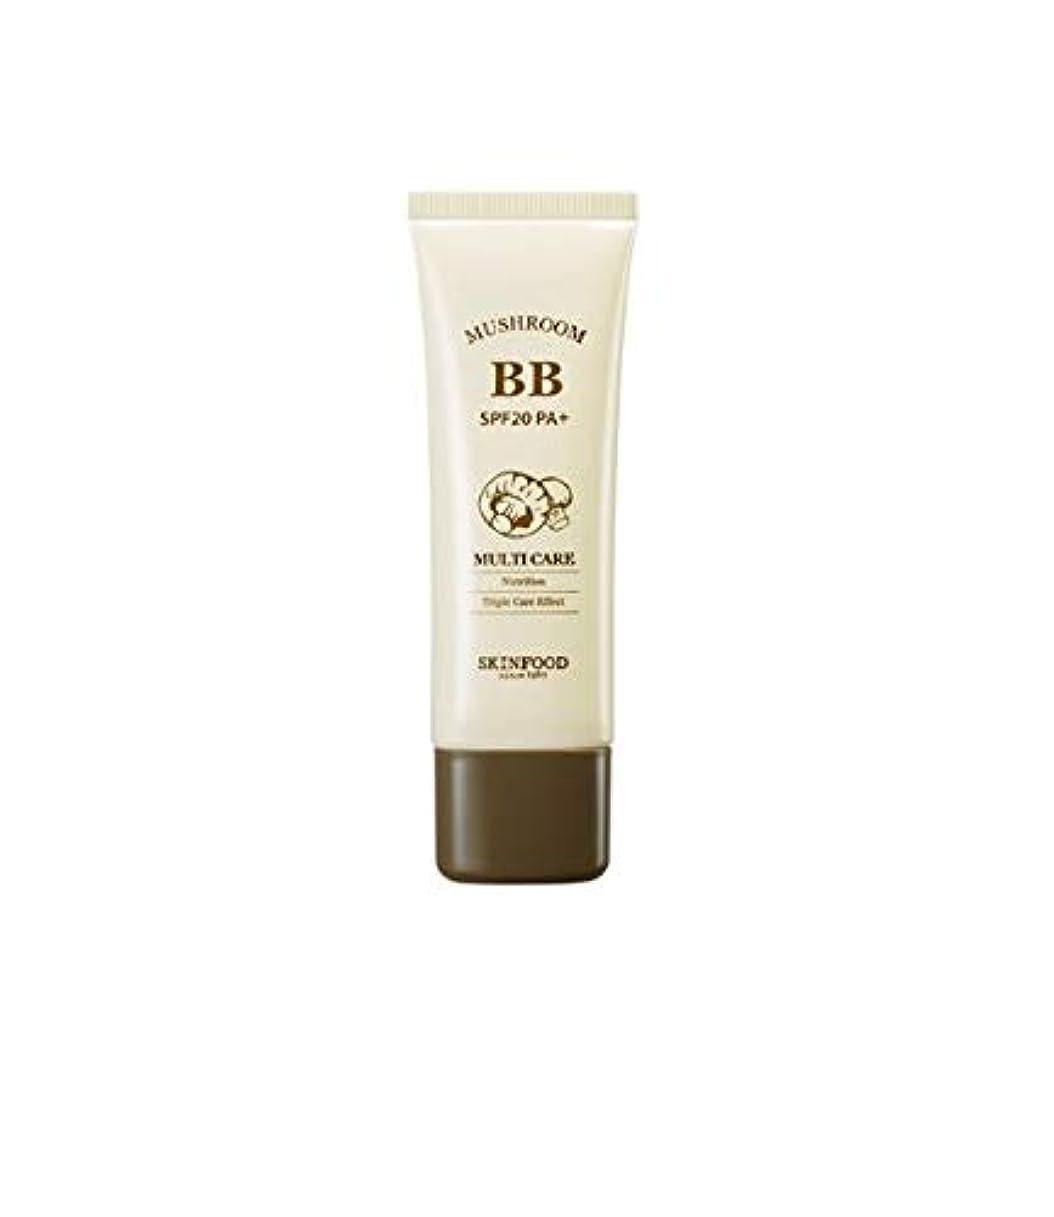 エゴイズムホーム樫の木Skinfood マッシュルームマルチケアBBクリームSPF20 PA +#No. 1ブライトスキン / Mushroom Multi Care BB Cream SPF20 PA+# No. 1 Bright Skin...